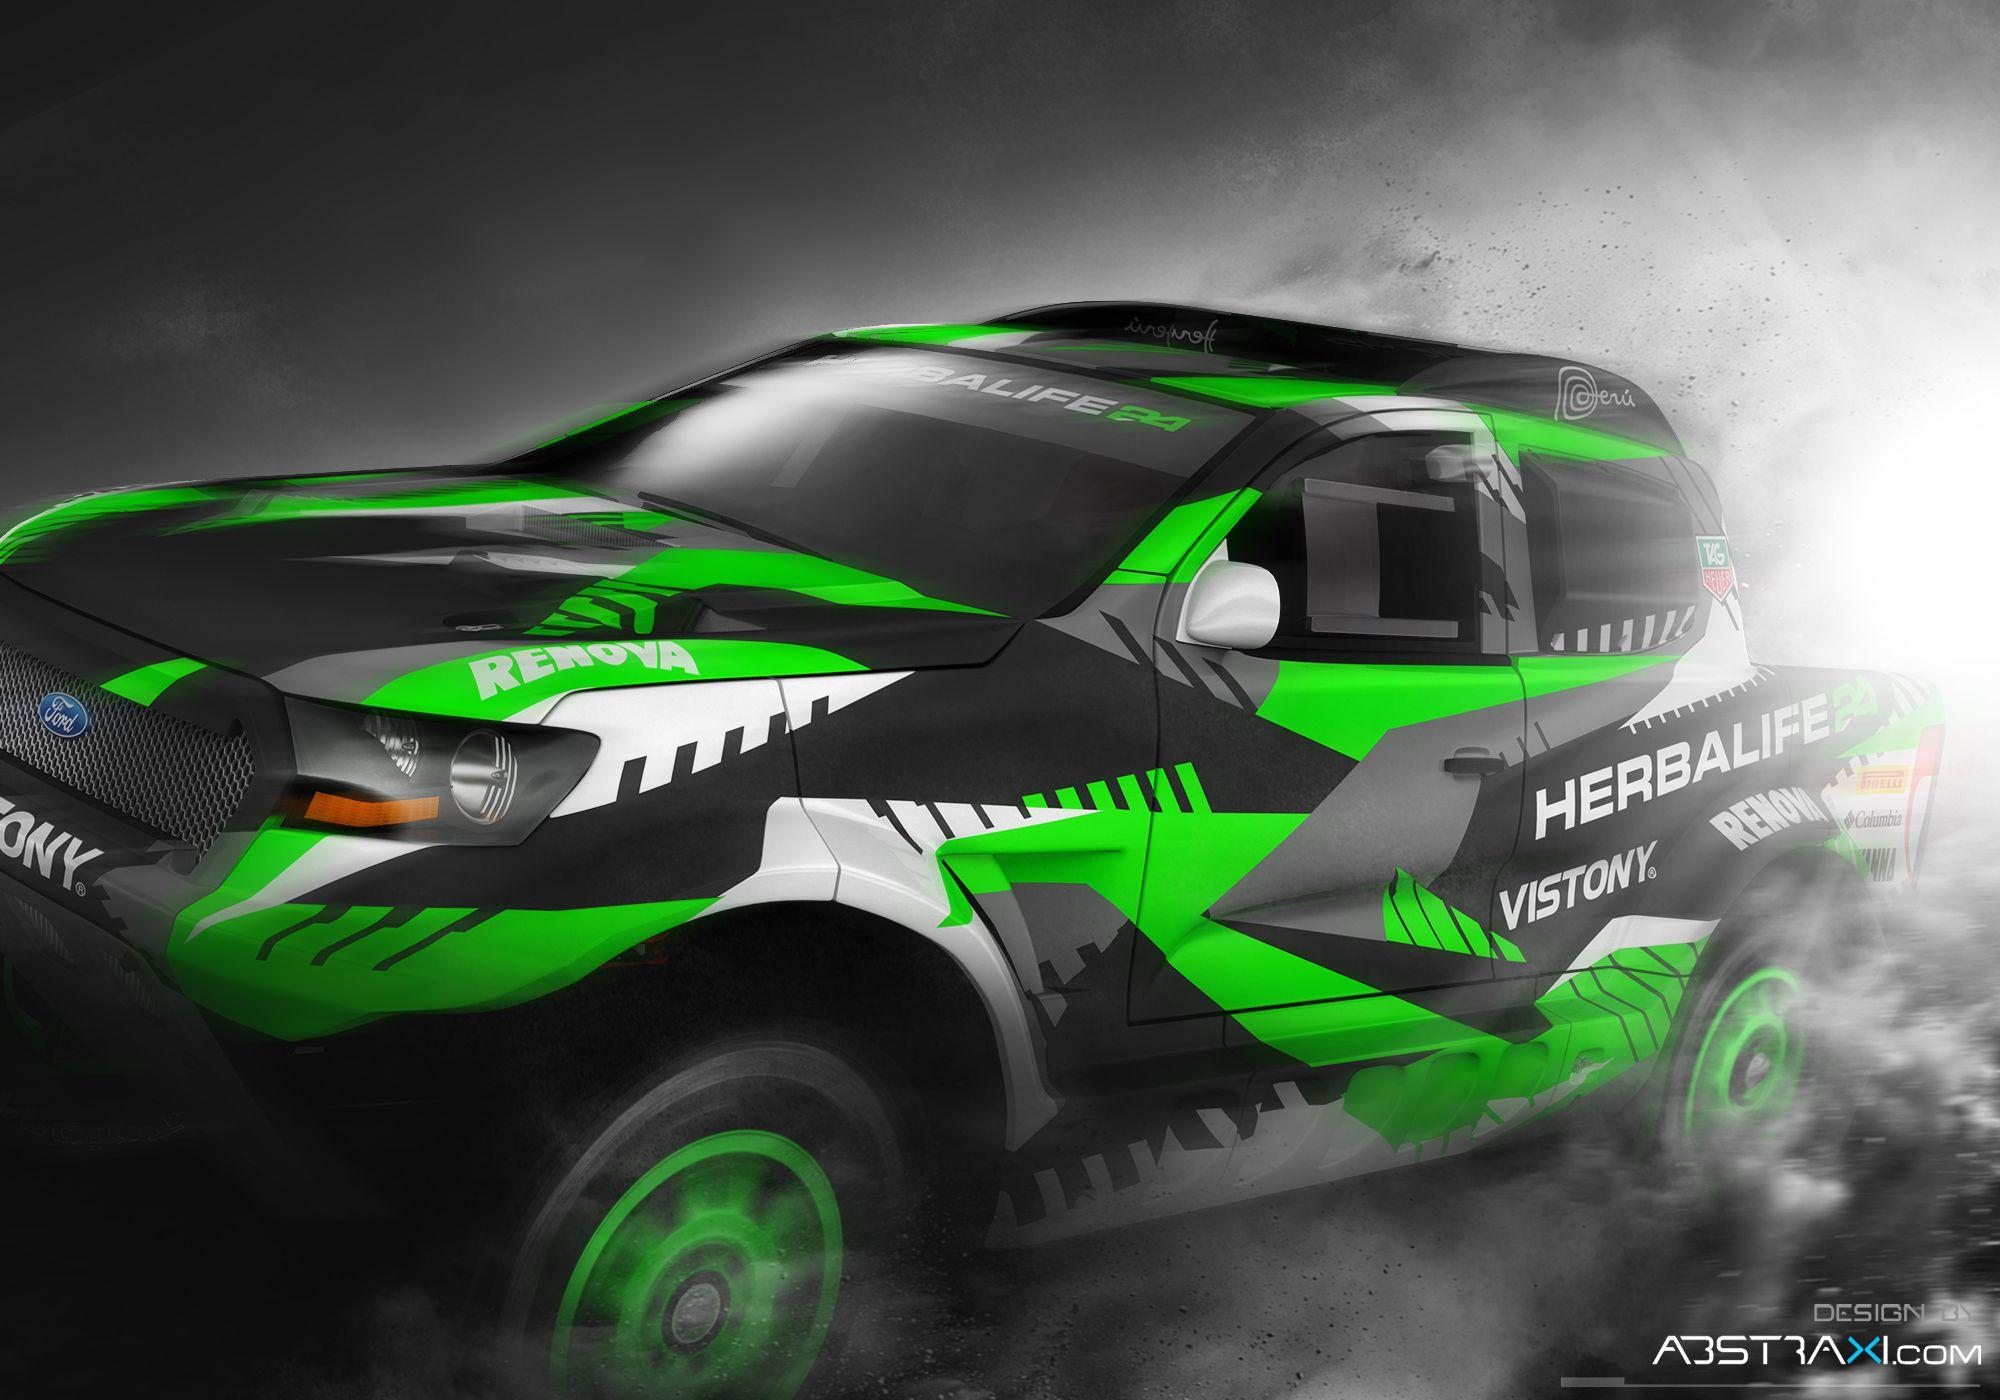 Dakar Rally Ready For It We Are Car Design For Dakar Rally Dakar Dakarlives Dakarrally Dakarrally2019 Liveryd Rally Car Design Camo Car Car Wrap Design